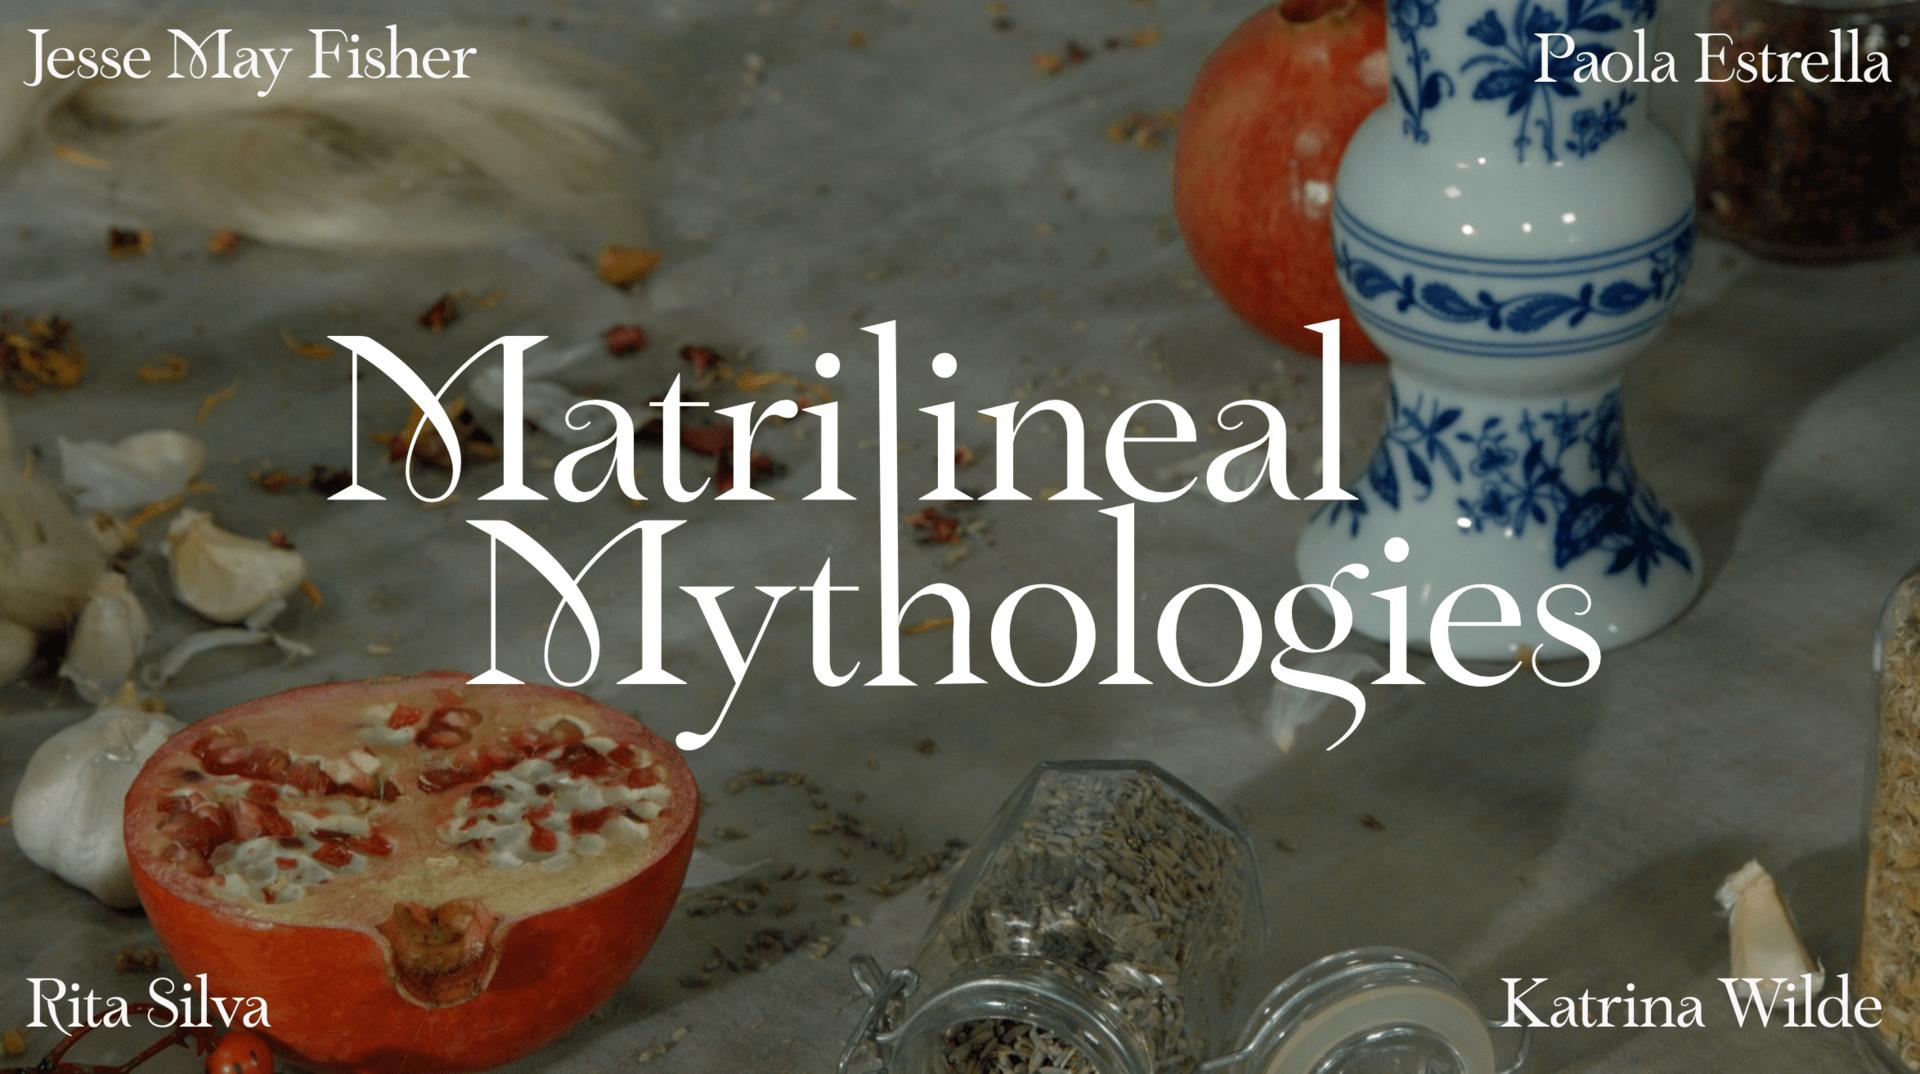 Matrilineal Mythologies